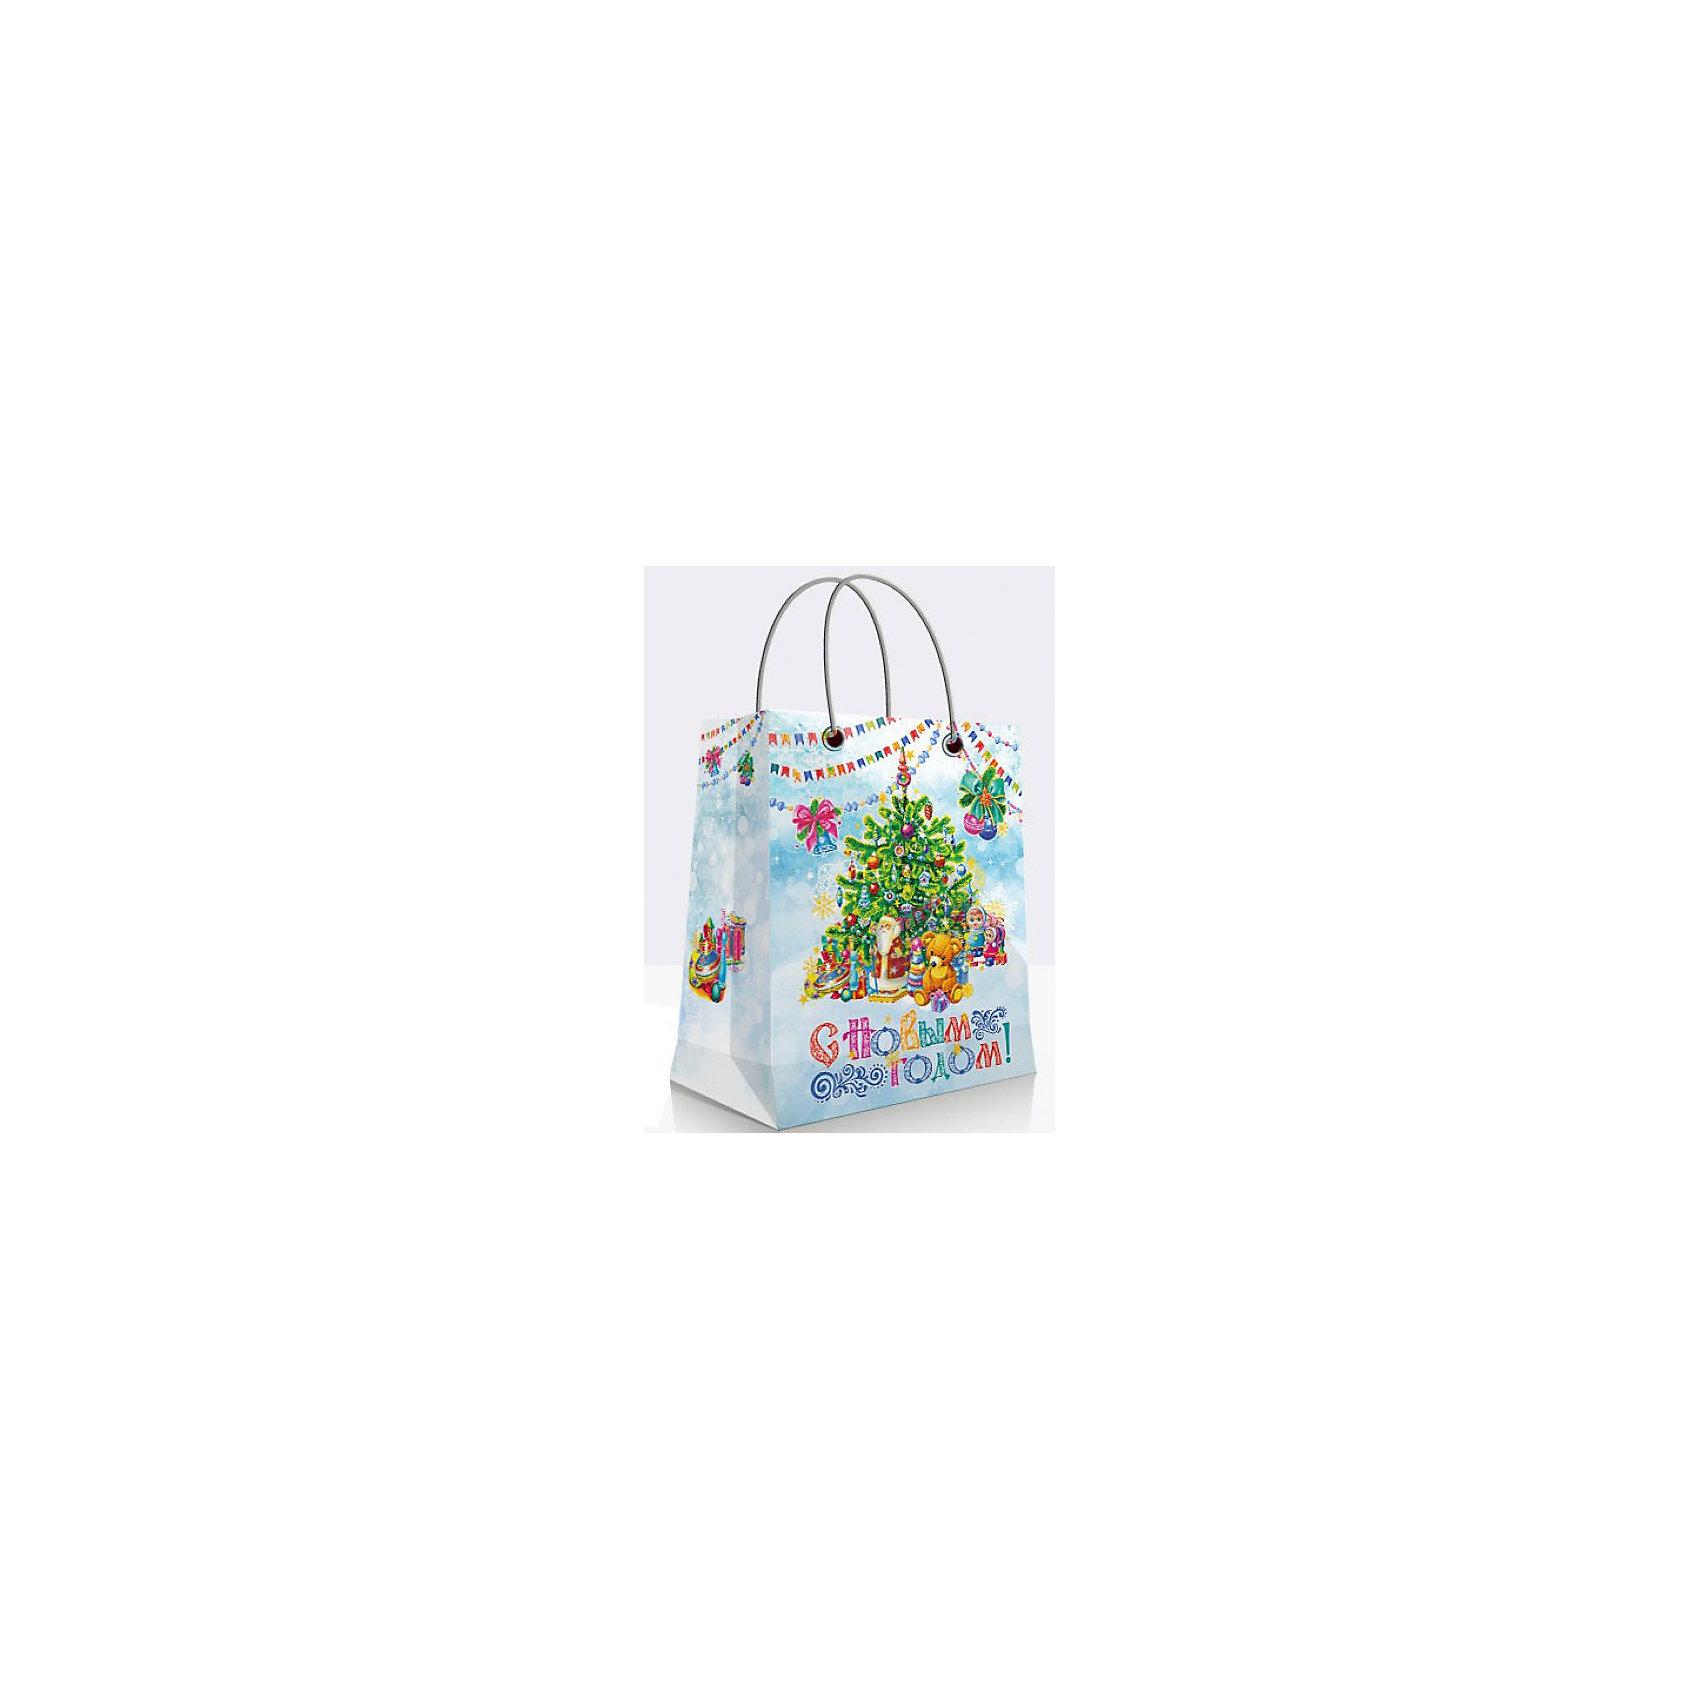 Подарочный пакет Новогодняя ёлка 23*33*13 смПодарочный пакет Новогодняя ёлка, Феникс-презент, поможет Вам красиво оформить новогодний подарок для своих родных и друзей. Красочный пакет с двумя ручками и широким основанием украшен изображениями нарядной новогодней елки и детских игрушек. Поверхность<br>ламинирована.<br><br><br>Дополнительная информация:<br><br>- Материал: бумага.<br>- Размер: 26 х 33 х 13 см.<br>- Ширина основания: 26 см.<br>- Плотность: 140 г/м2.<br>- Вес: 67 гр. <br><br>Подарочный пакет Новогодняя ёлка, Феникс-презент, можно купить в нашем интернет-магазине.<br><br>Ширина мм: 130<br>Глубина мм: 330<br>Высота мм: 260<br>Вес г: 67<br>Возраст от месяцев: 36<br>Возраст до месяцев: 2147483647<br>Пол: Унисекс<br>Возраст: Детский<br>SKU: 4274713